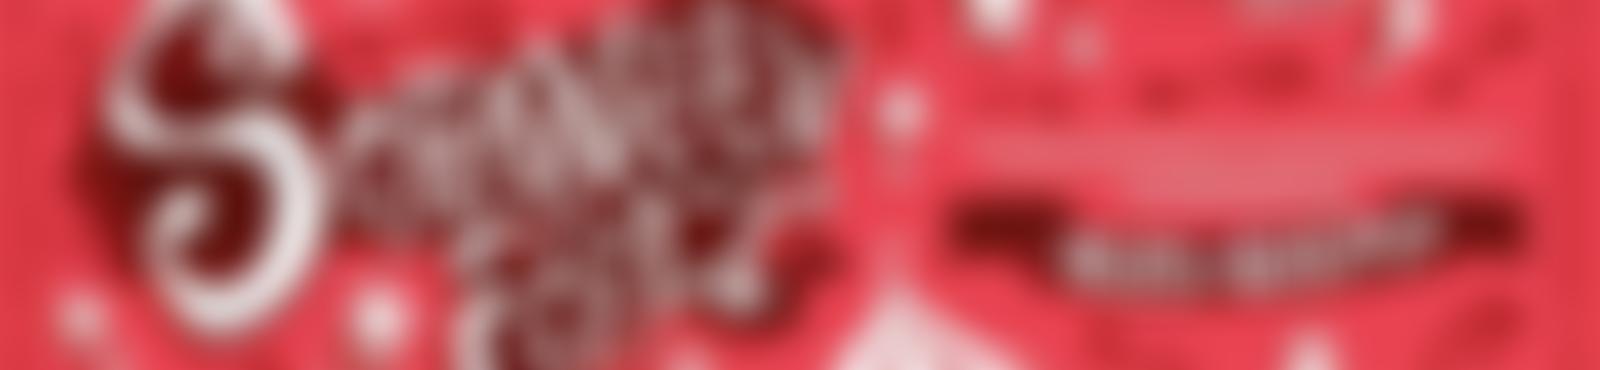 Blurred 6498eede b0ec 4972 8de9 73ef789462fa